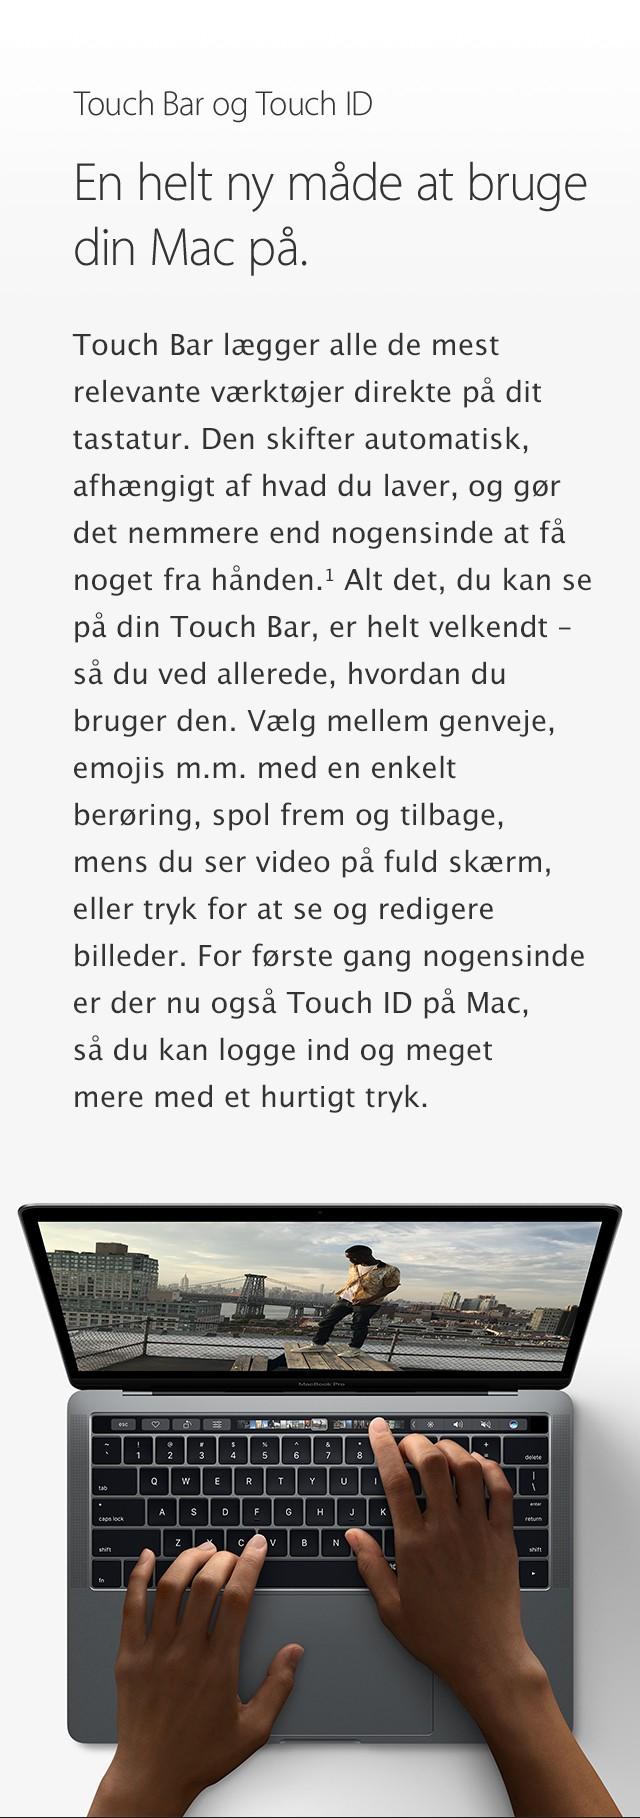 En helt ny måde at bruge MacBook Pro på